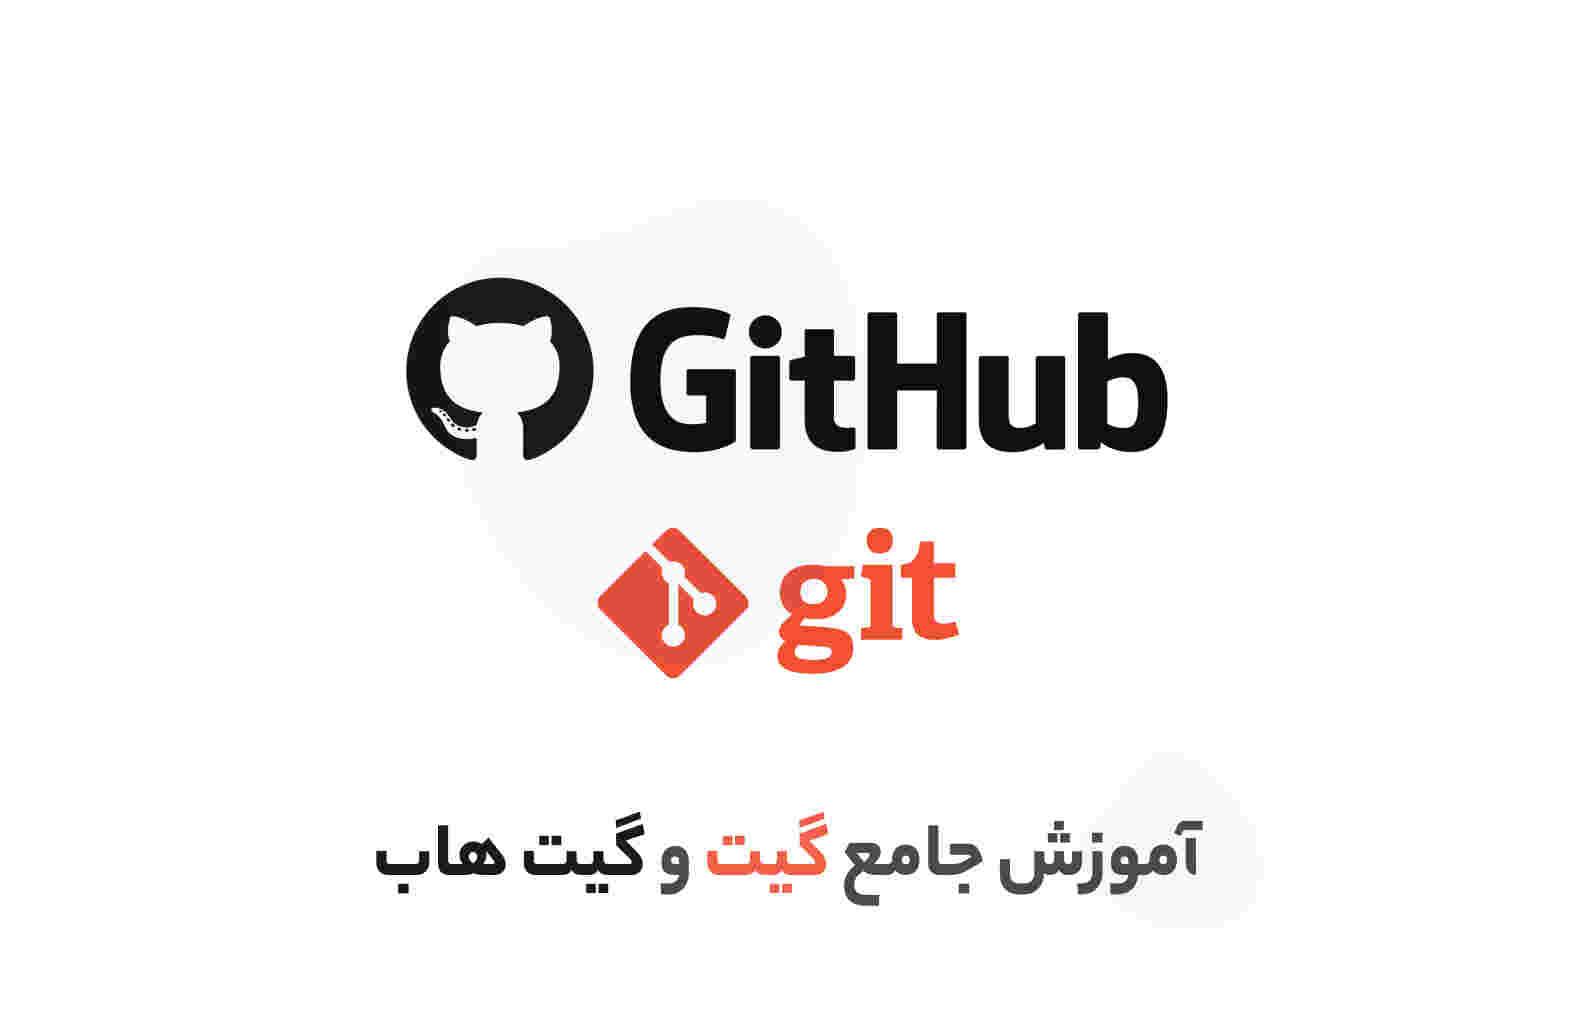 آموزش جامع گیت (Git) و گیت هاب (Github) برای توسعه دهندگان و برنامه نویسان حرفهای